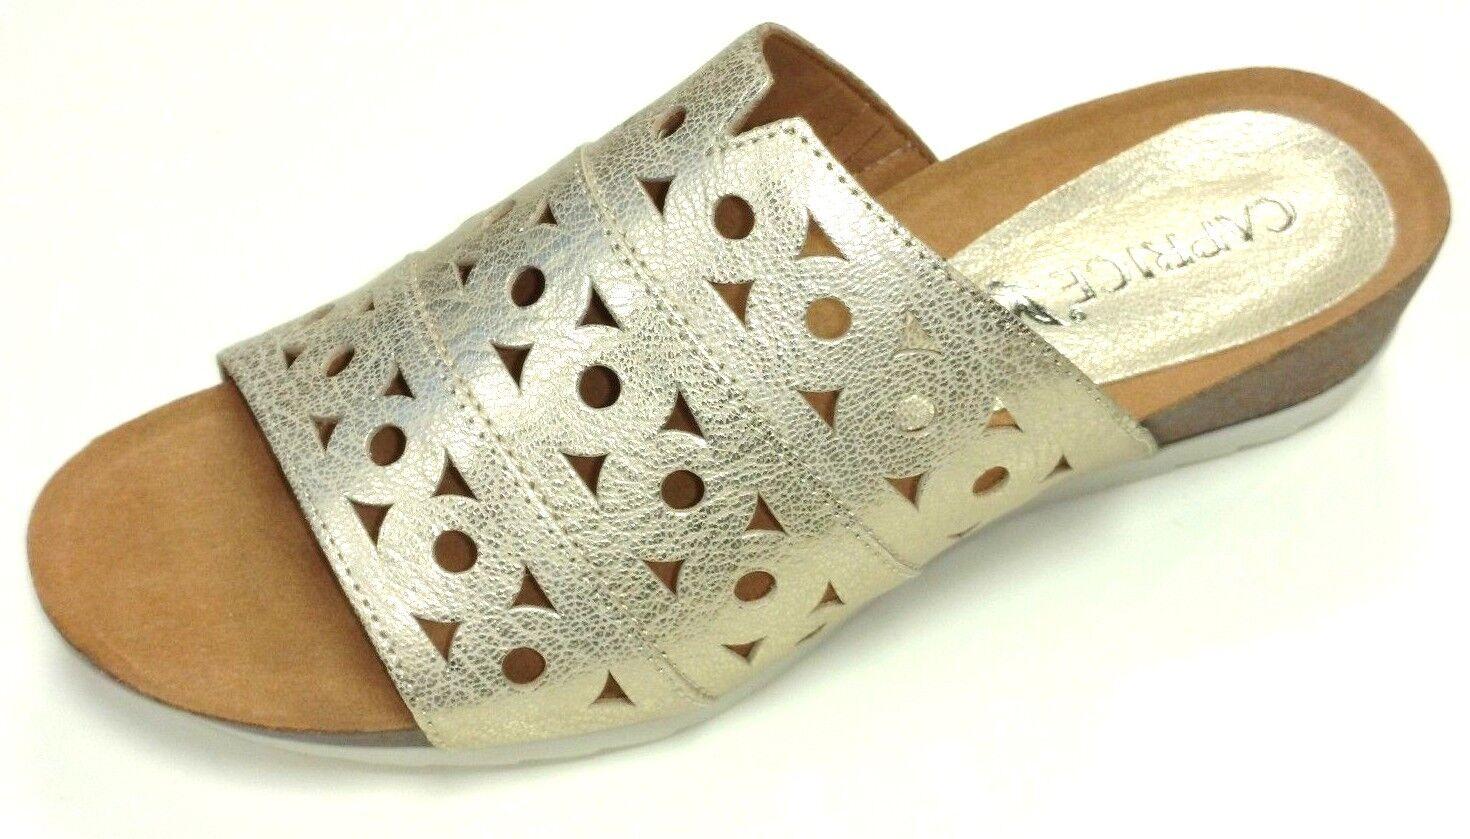 Caprice Damen Schuhe Sandale Pantolette Pantolette Pantolette bequem Leder 27100 Leder f5f6e0